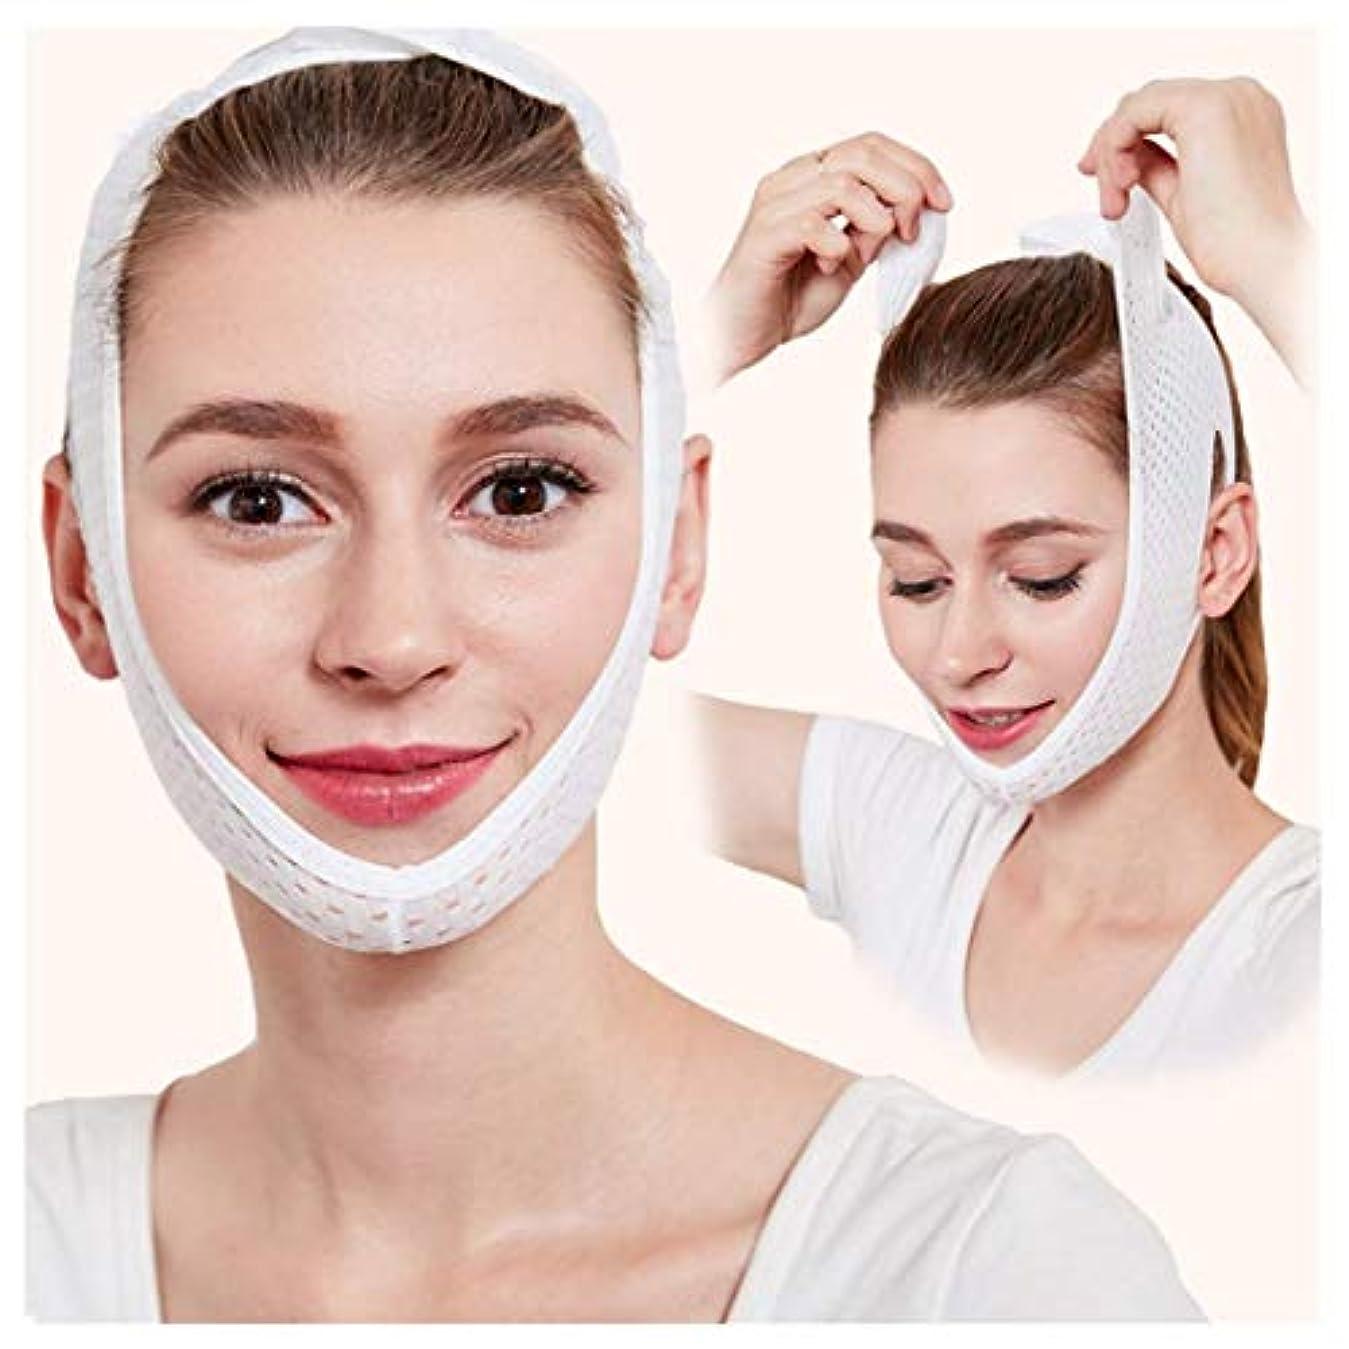 政治家の強打添加剤WSJTT 顔のリフティングストラップ、Vラインファーミングラップは、女性のためのバージョンVシェイプフェイススリミングマスクアップグレードリフティングネック二重あごベルトスキンケアチンマスク